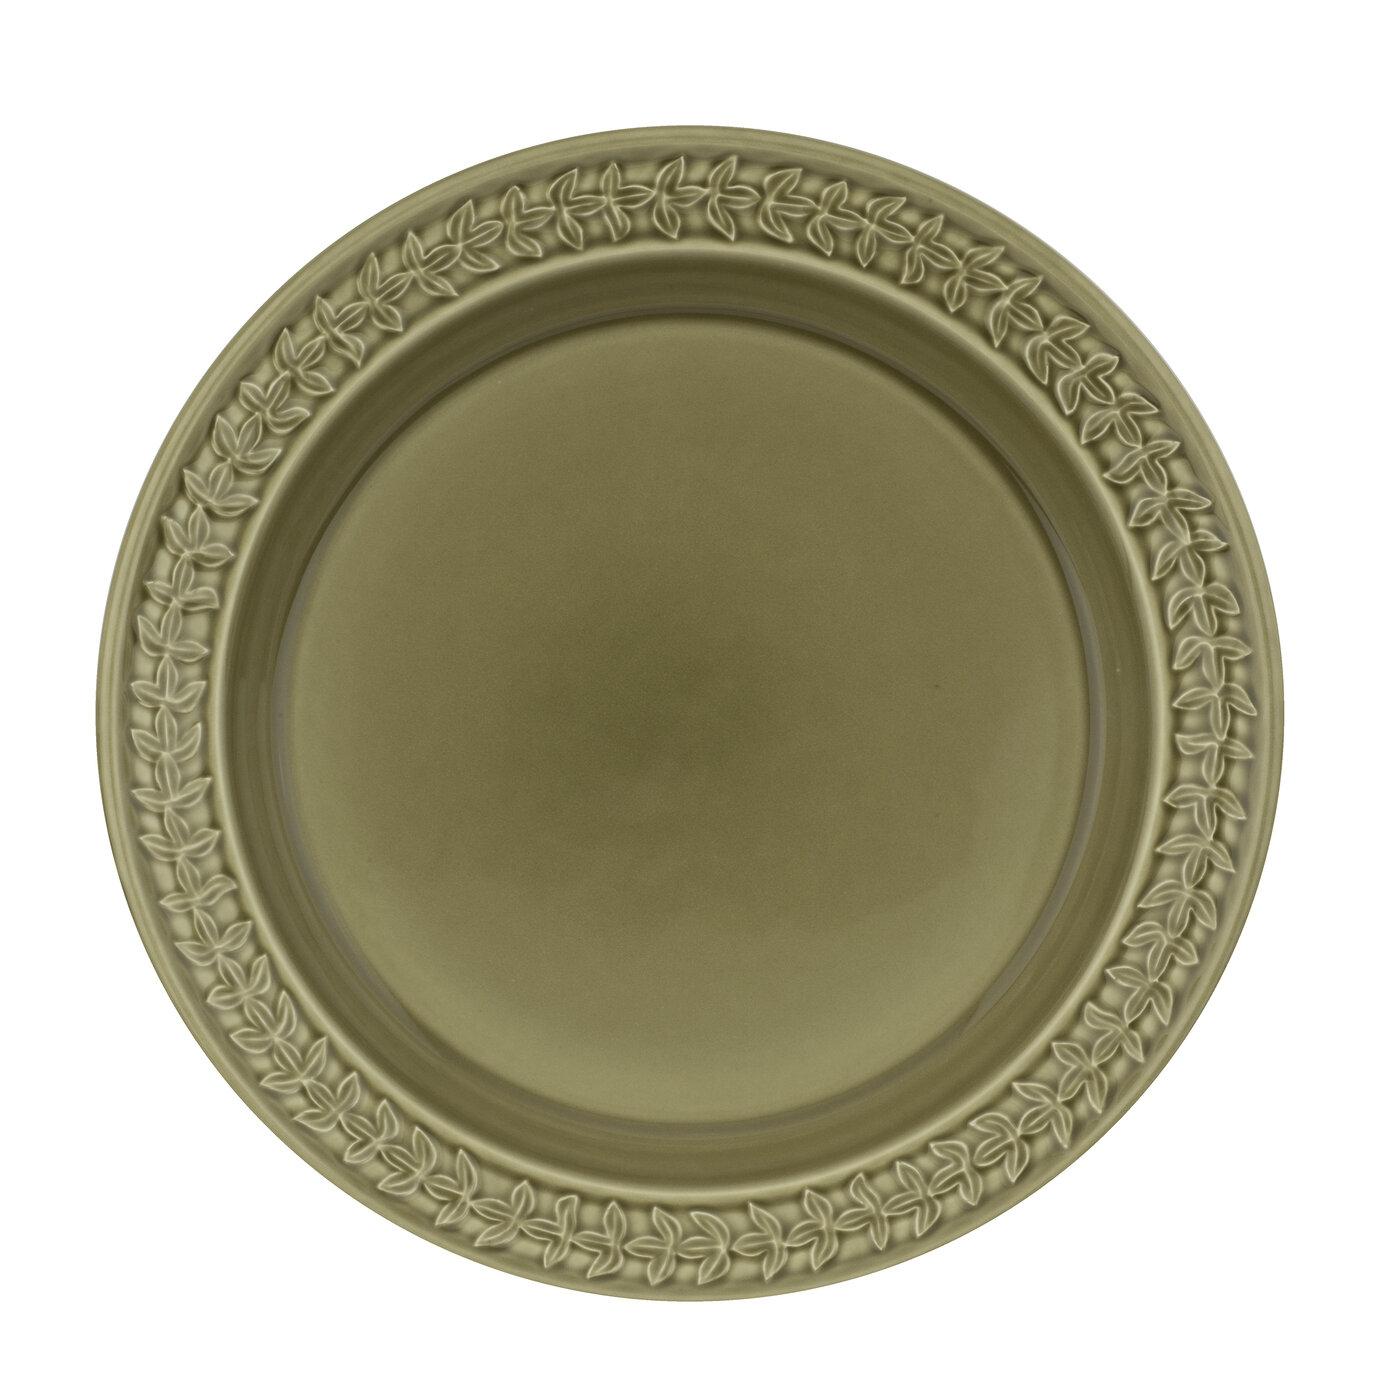 포트메리온 '보타닉 가든 하모니' 샐러드 접시 Portmeirion Botanic Garden Harmony Moss Green 8.5 Inch Salad Plate